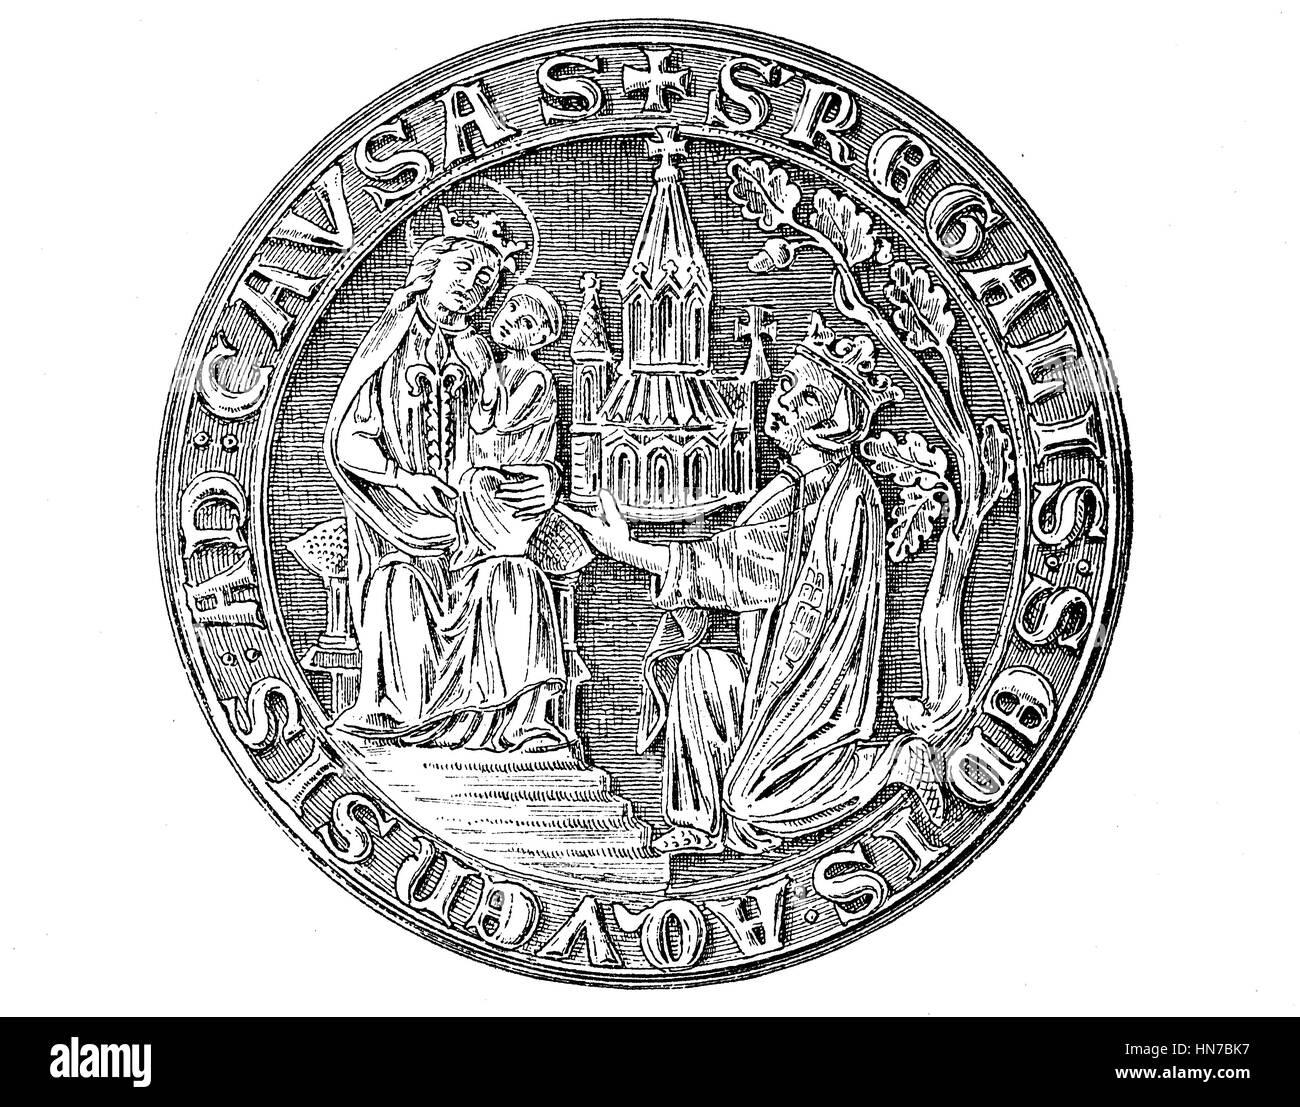 Mittelalterliche Stadt Siegel aus dem 13. bis 15. Jahrhundert hier Aachen, Deutschland, Mittelalterliches Stadtsiegel Stockbild